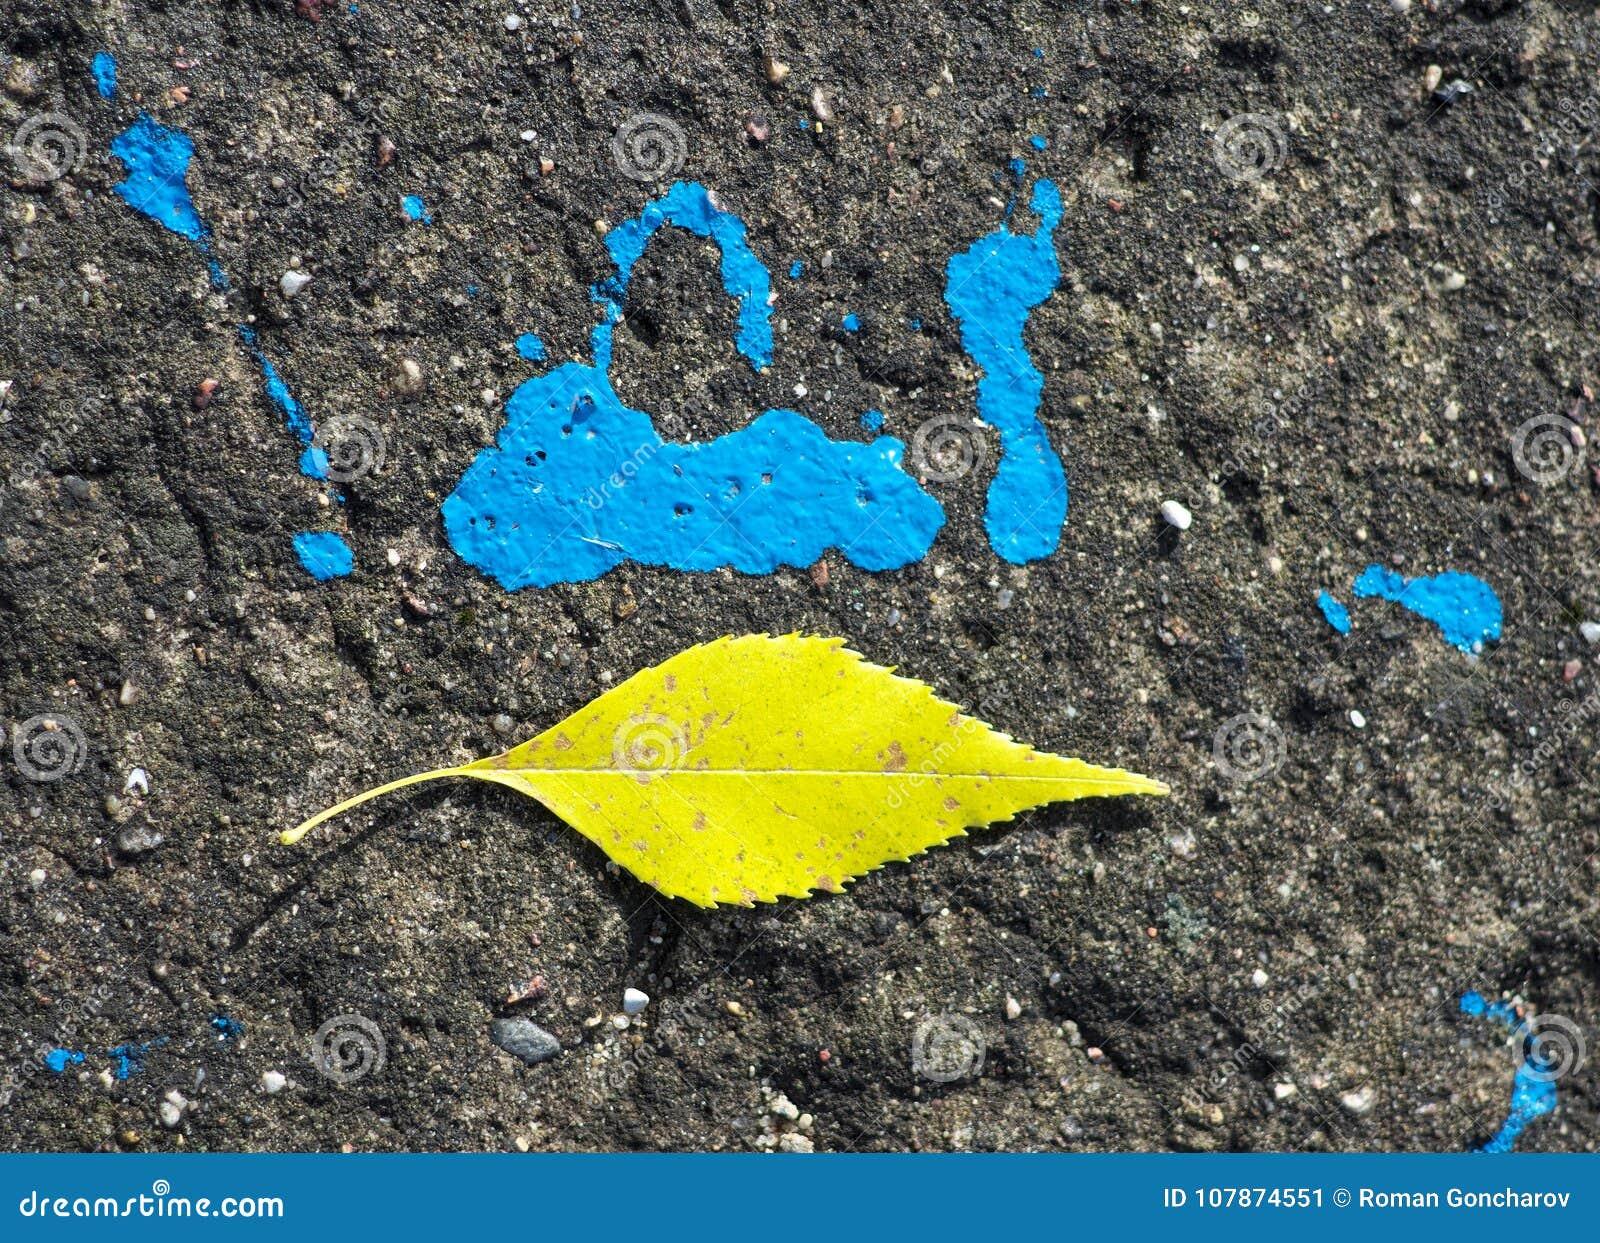 Hoja amarilla en el camino cerca de un punto azul